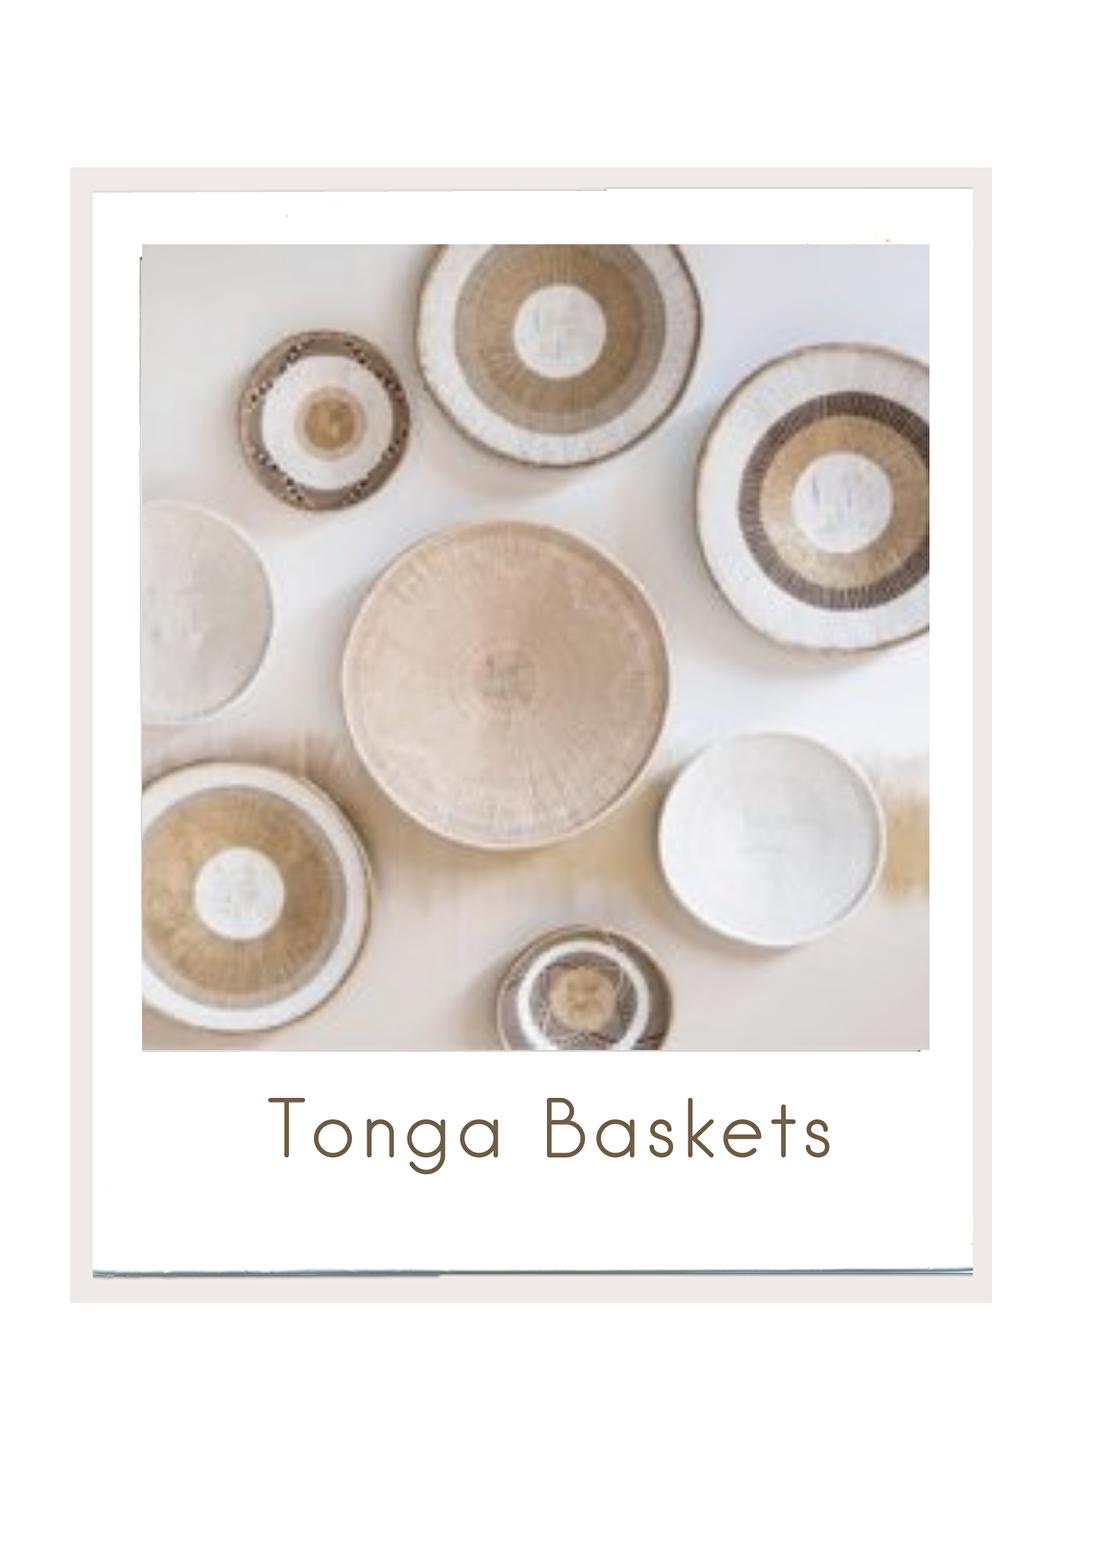 Afrikaanse Tonga baskets van Zenza in Naturel of geverfd in wit, goud, zwart, bruin. Om bijvoorbeeld prachtige wall art te creëren, bybliss.nl